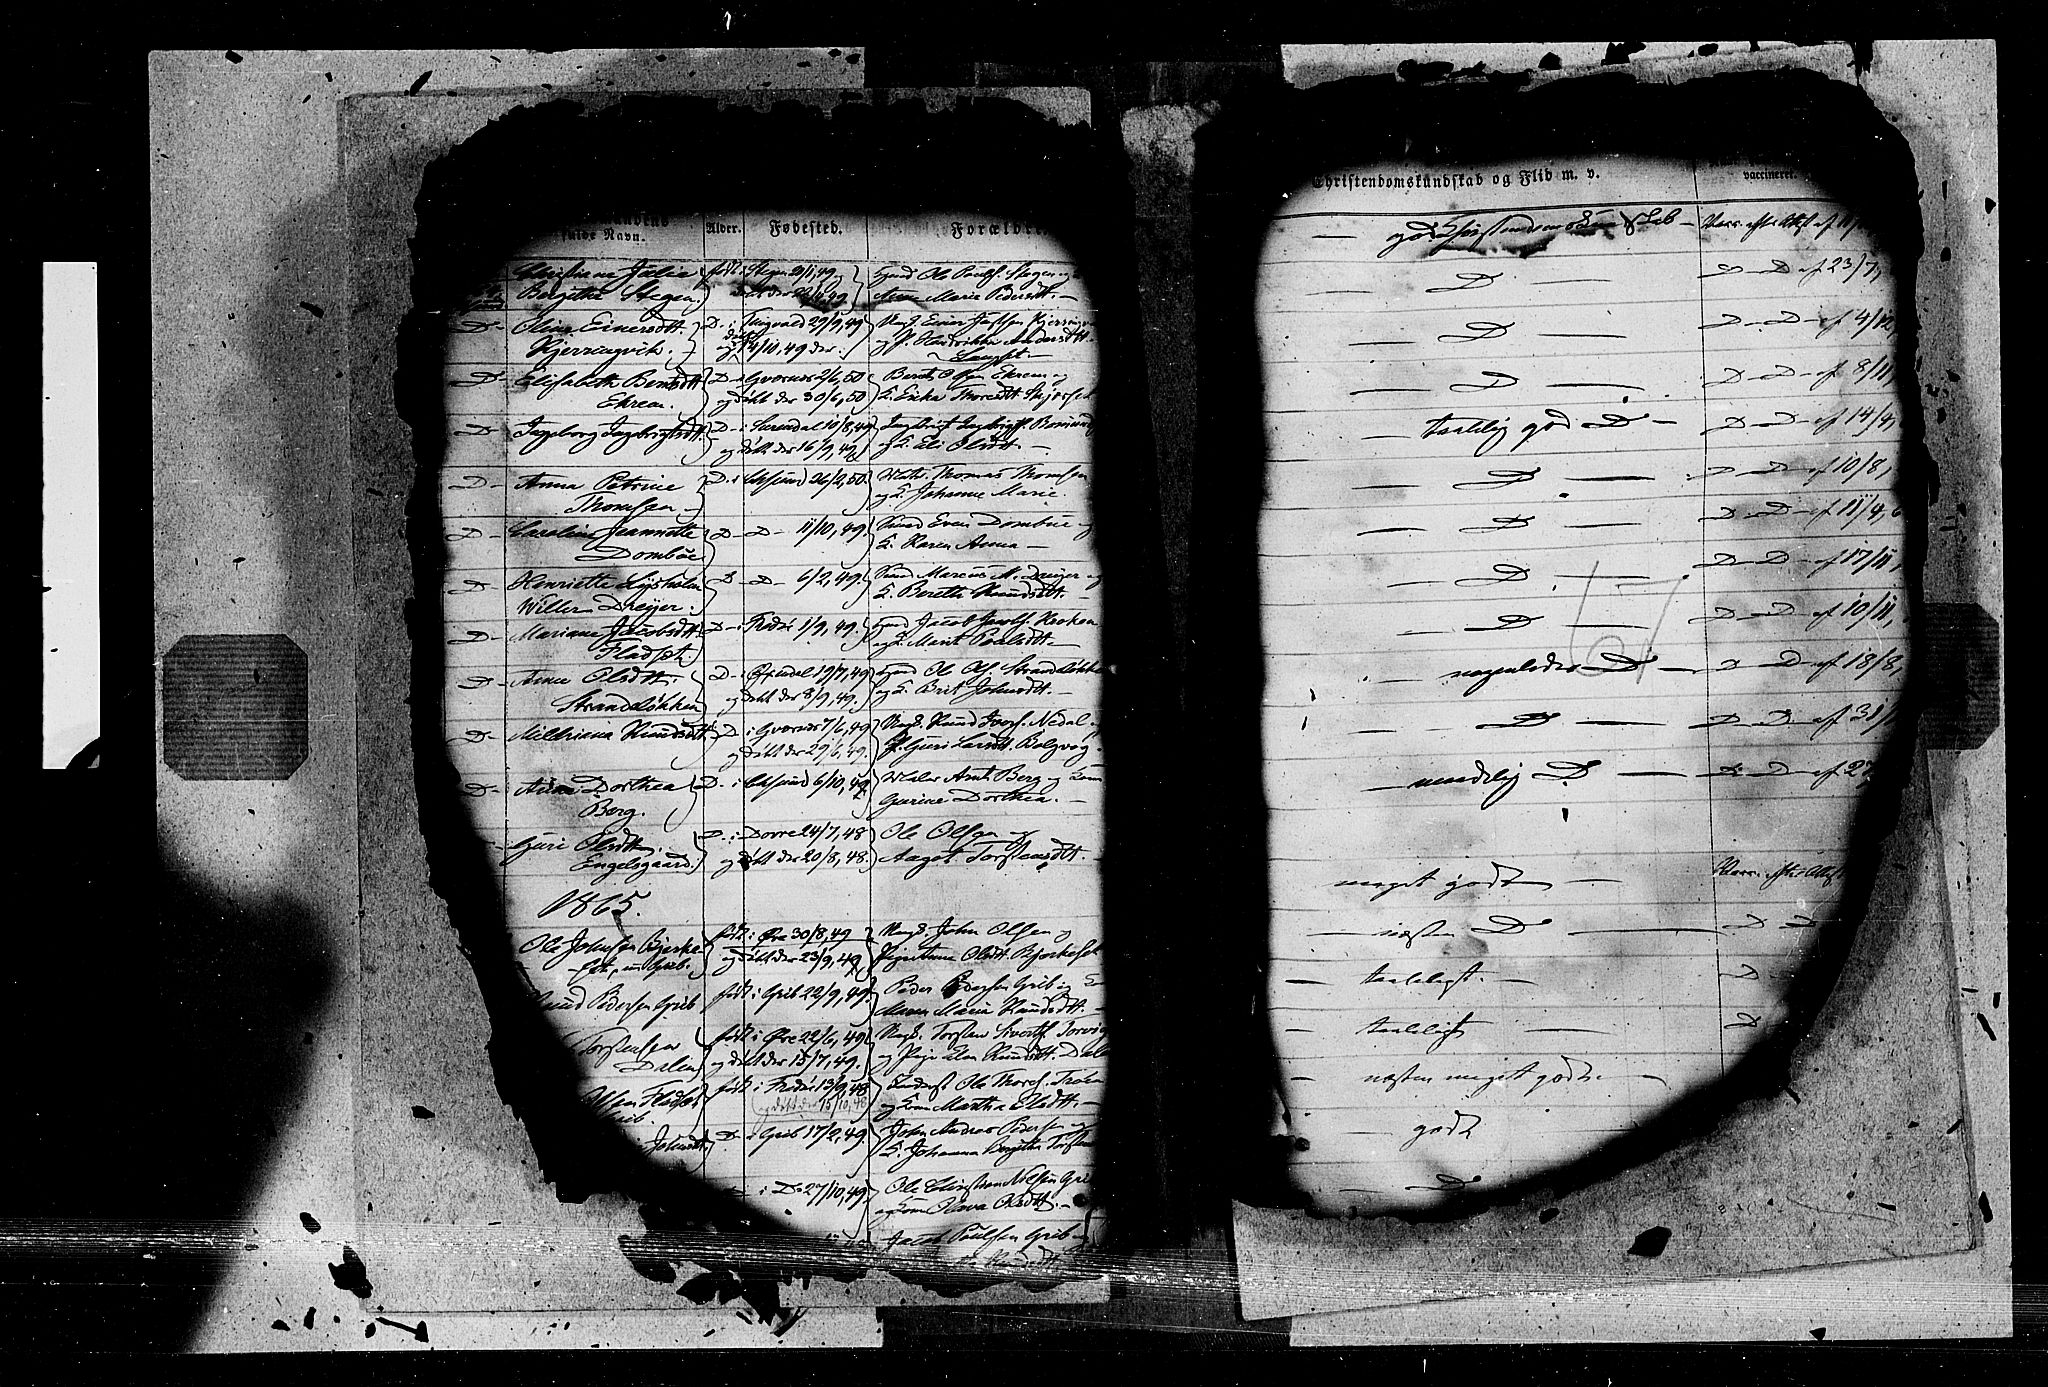 SAT, Ministerialprotokoller, klokkerbøker og fødselsregistre - Møre og Romsdal, 572/L0846: Ministerialbok nr. 572A09, 1855-1865, s. 67